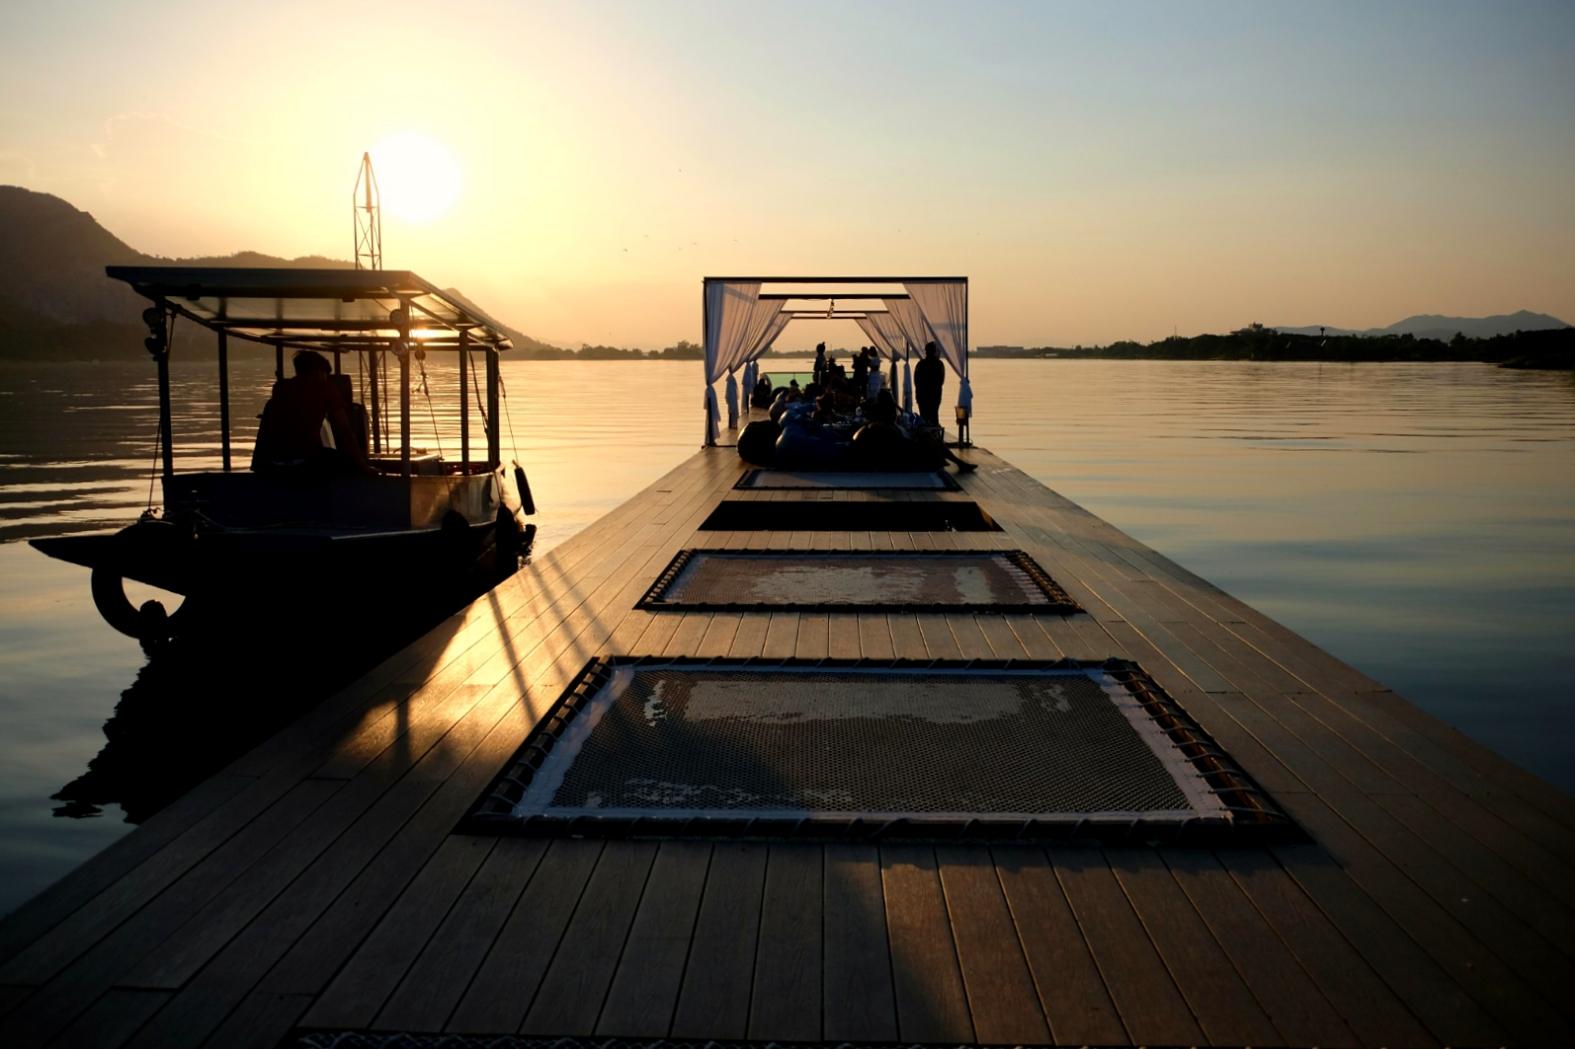 Restaurant Barge